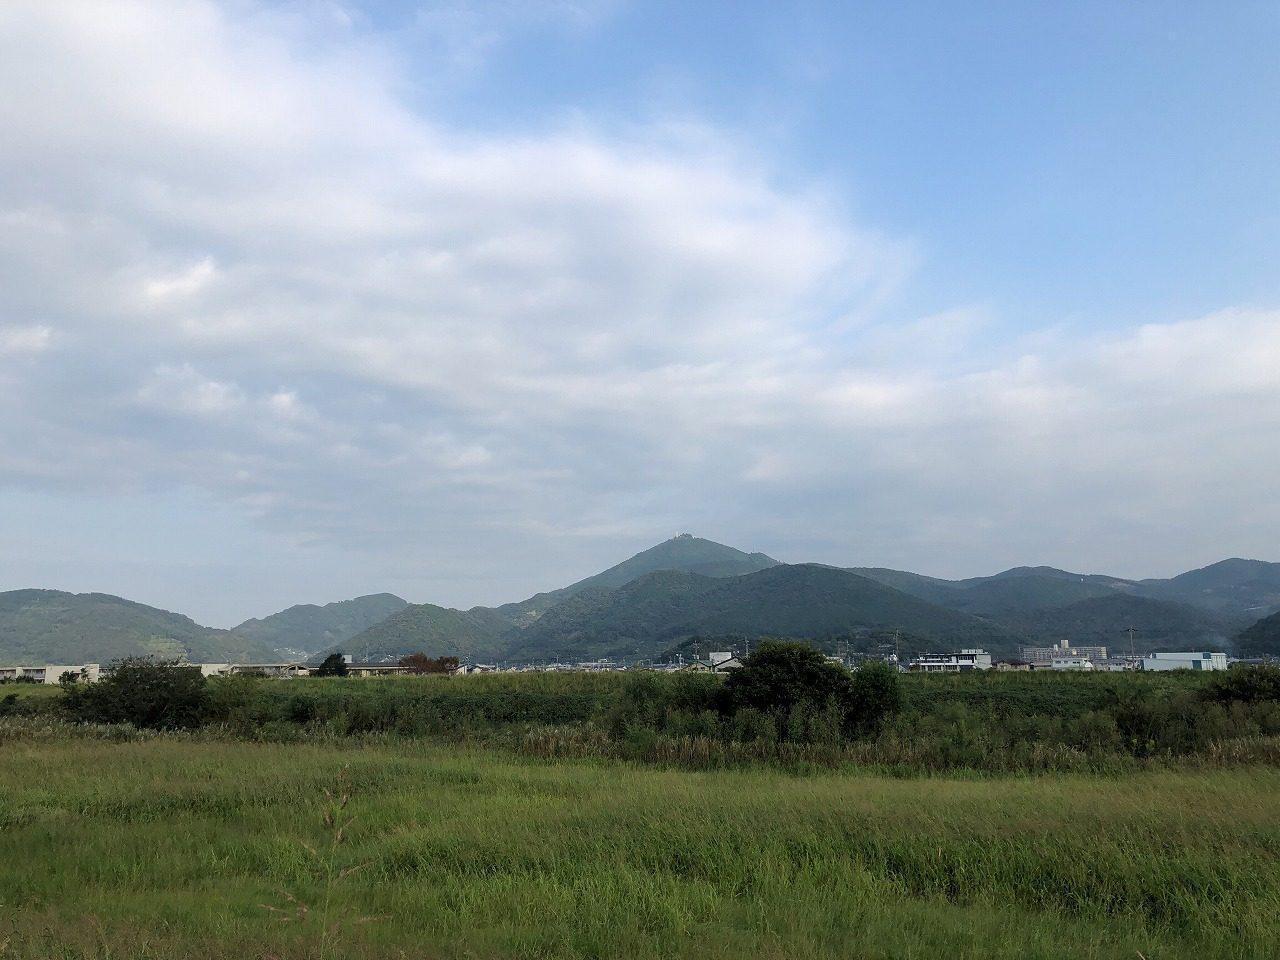 2019.10.7今朝の金峰山です!